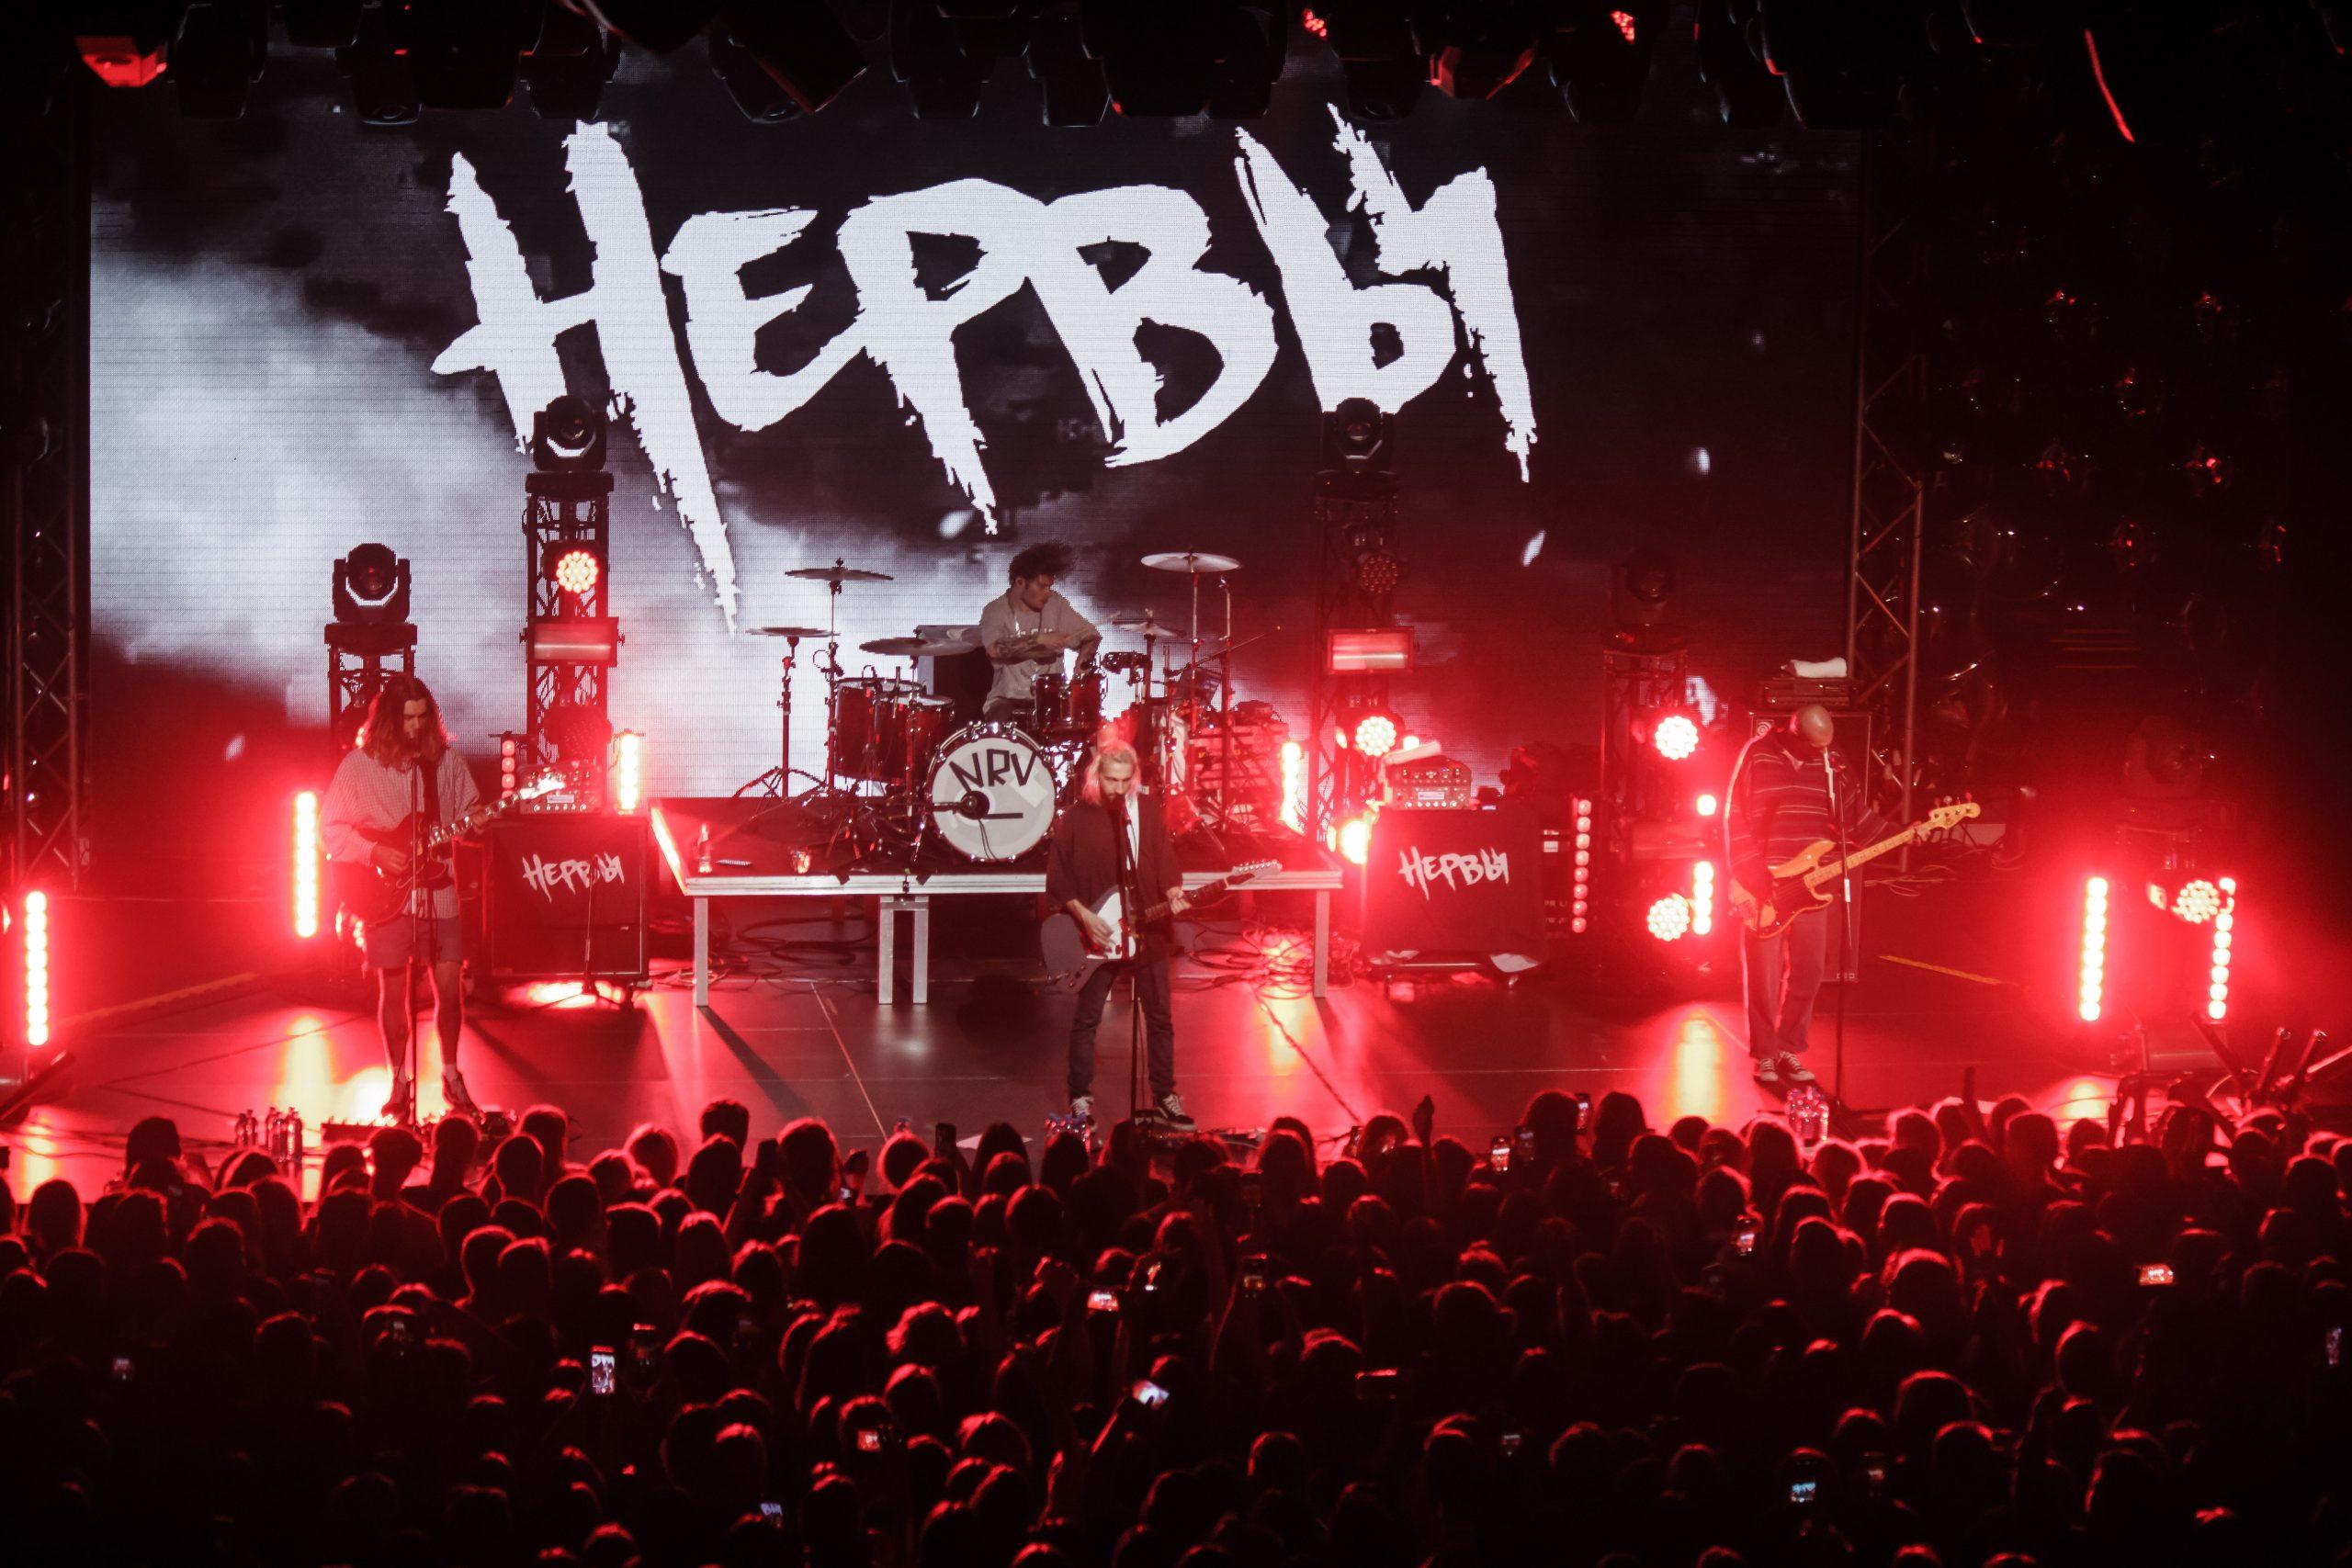 «Я хочу играть»: как прошел концерт рок-группы «Нервы» в Минске 2